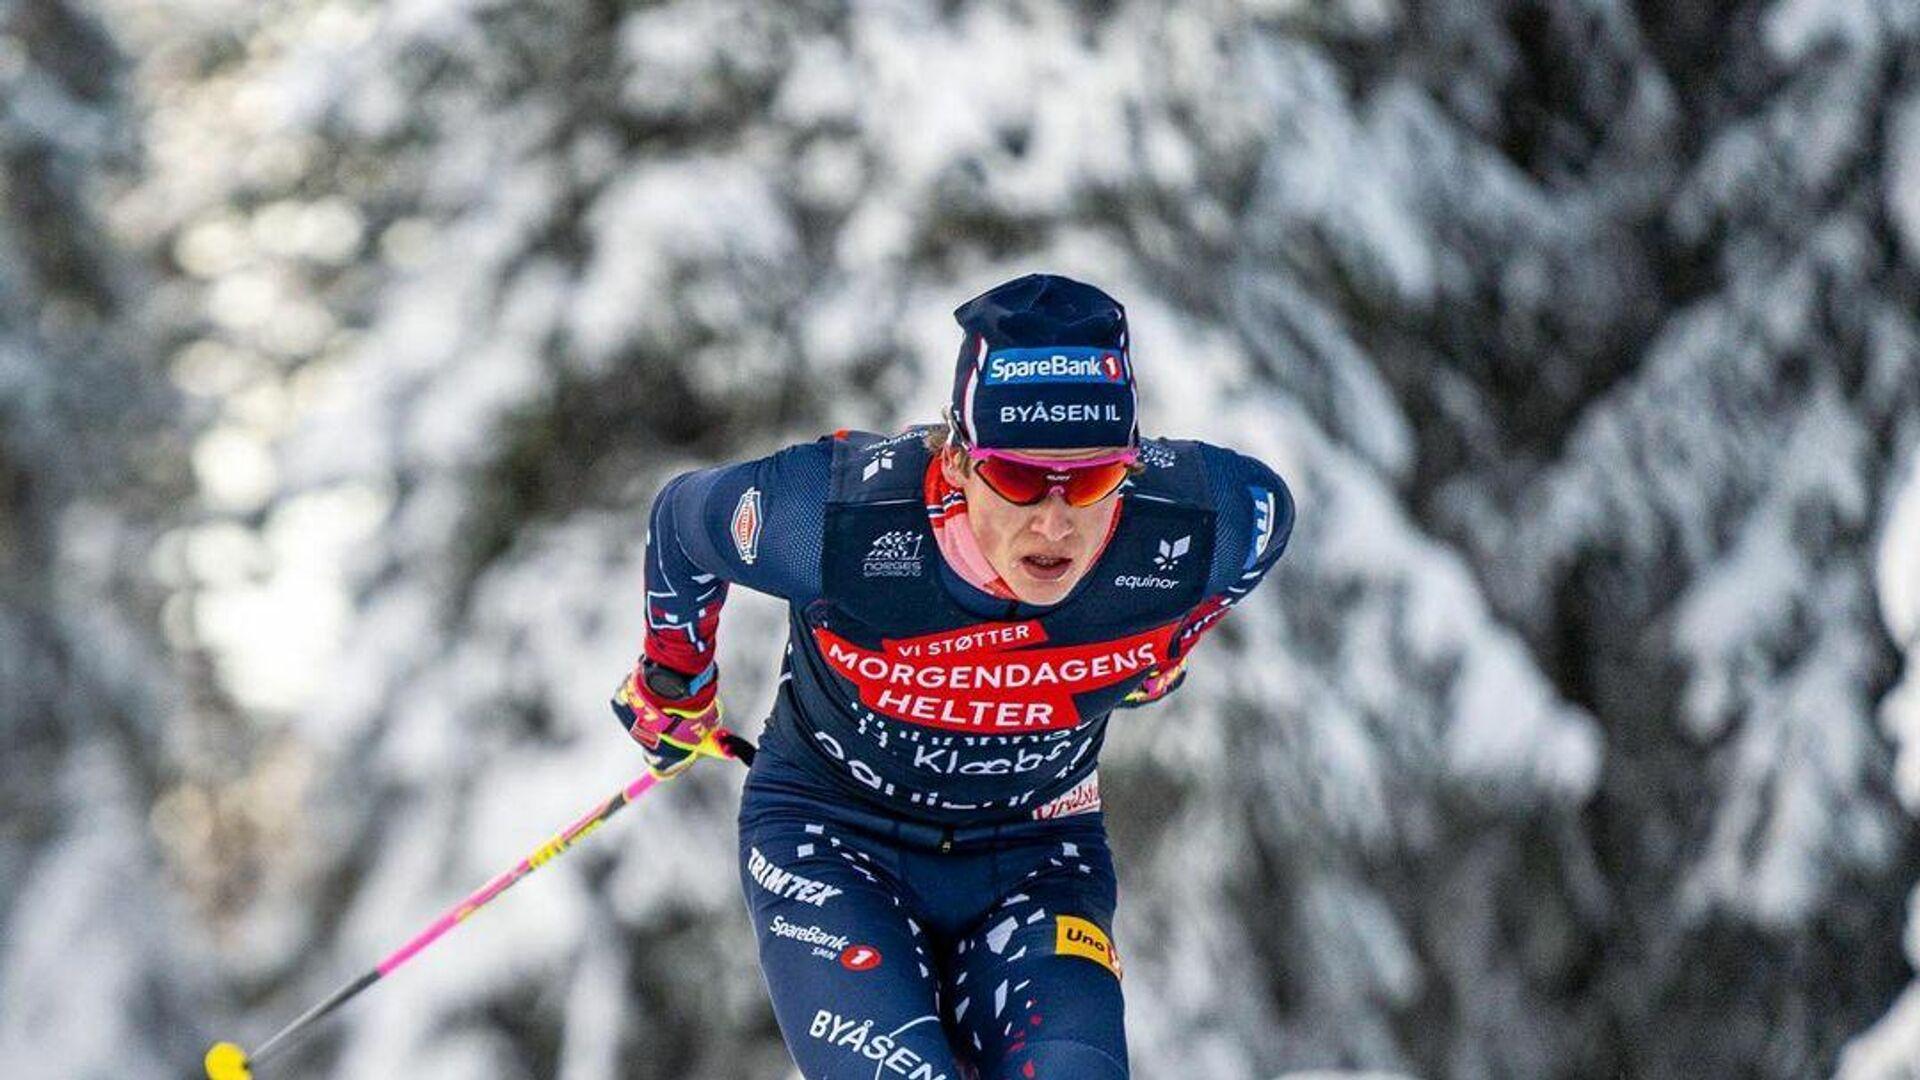 Трехкратный олимпийский чемпион по лыжным гонкам Йоханнес Клебо - РИА Новости, 1920, 25.02.2021